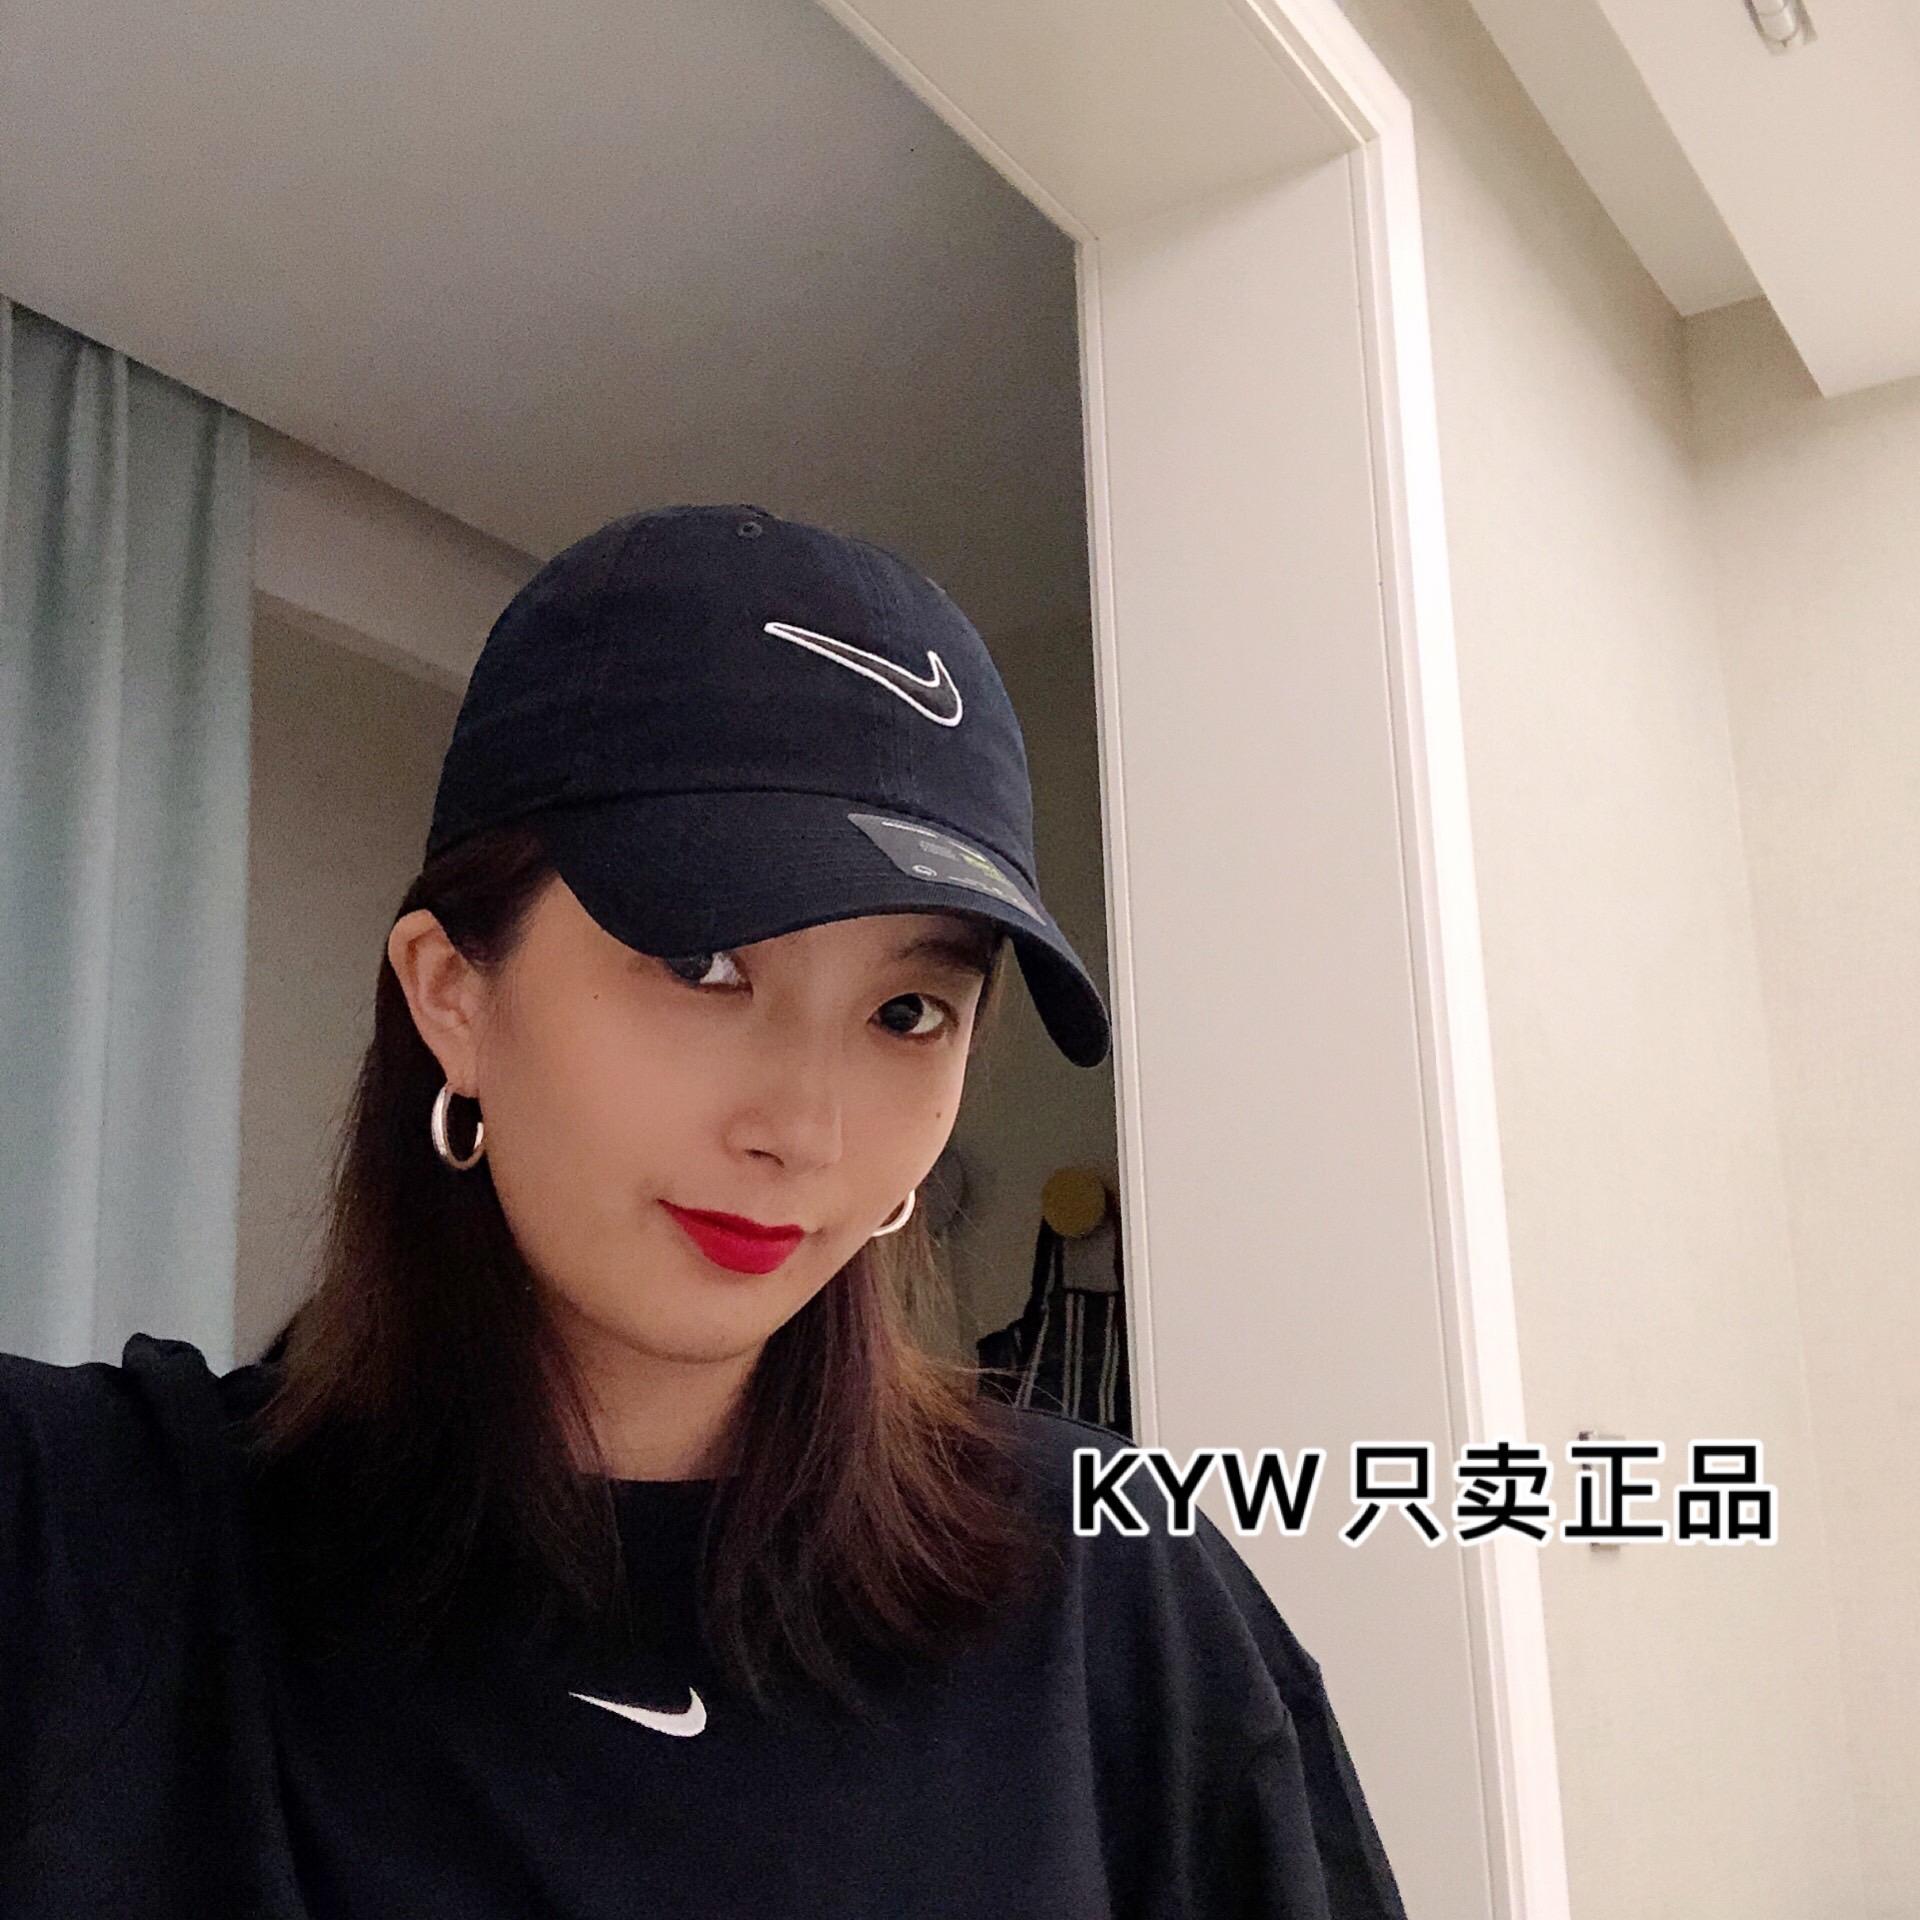 KYW只卖正品 Nike耐克春夏黑色刺绣镂空男女可调节鸭舌棒球帽子